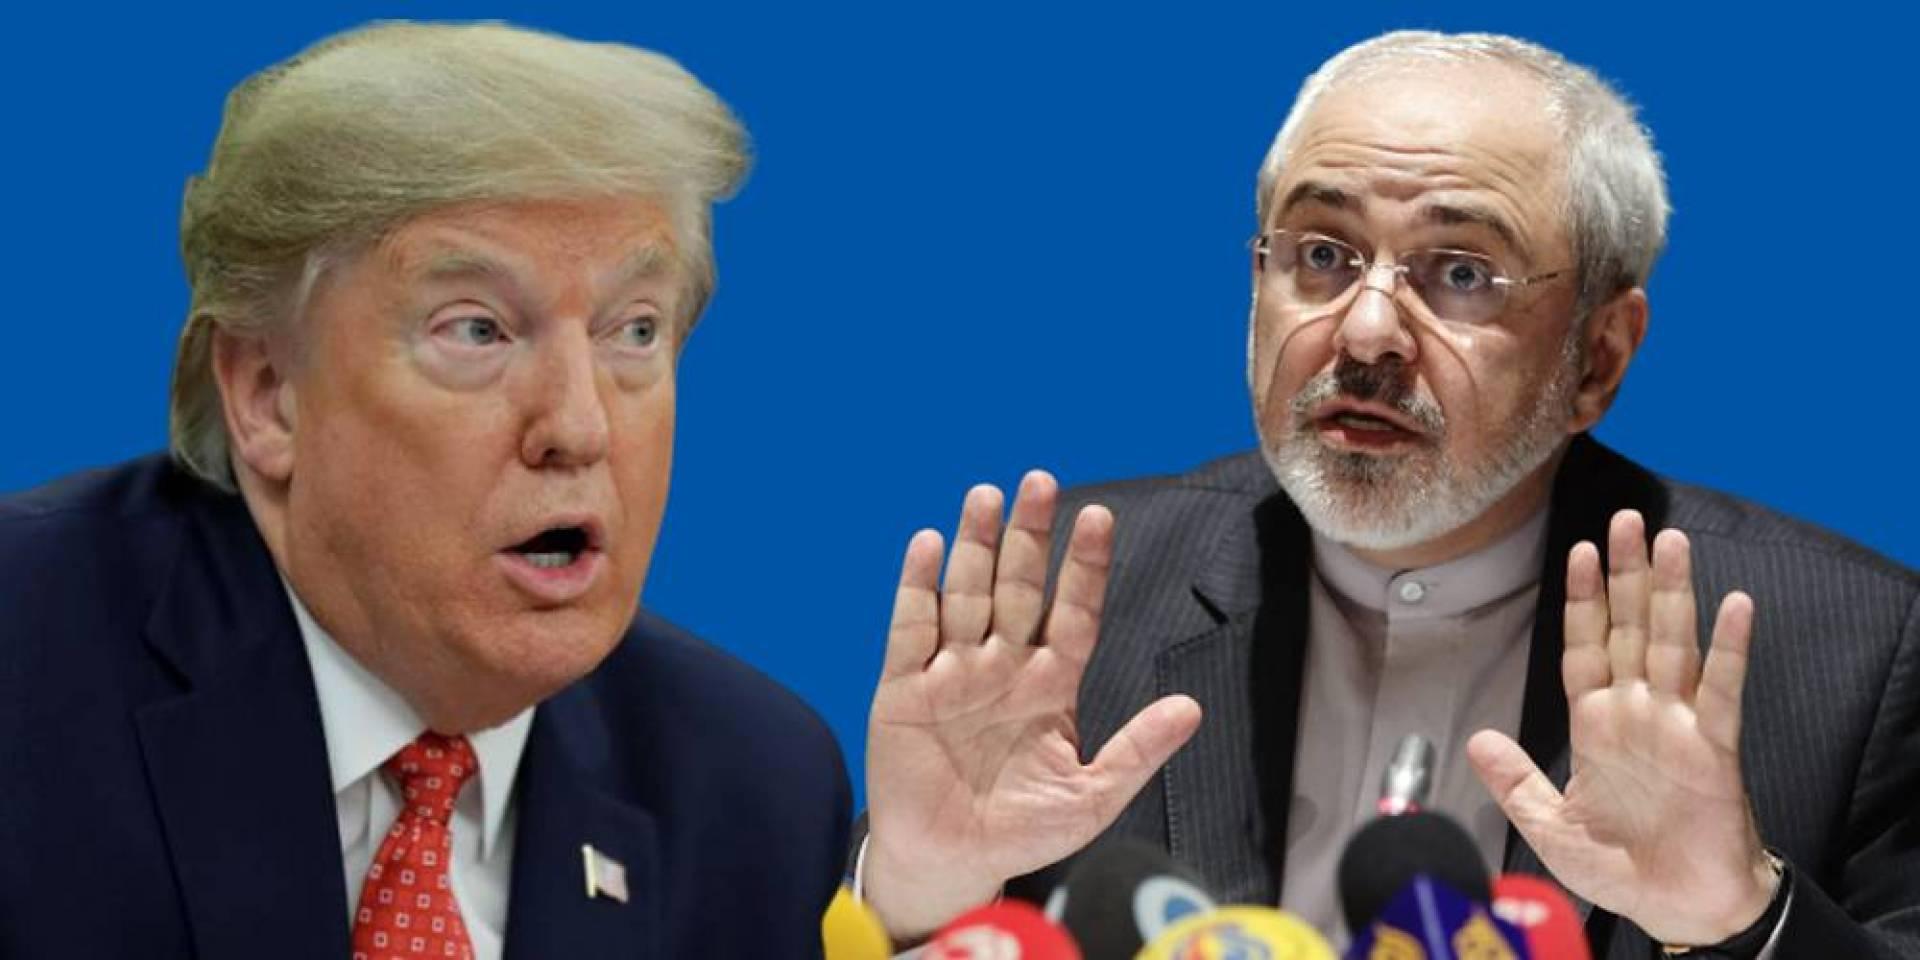 ظريف: سياسات ترامب المضللة جعلت المنطقة على حافة الهاوية